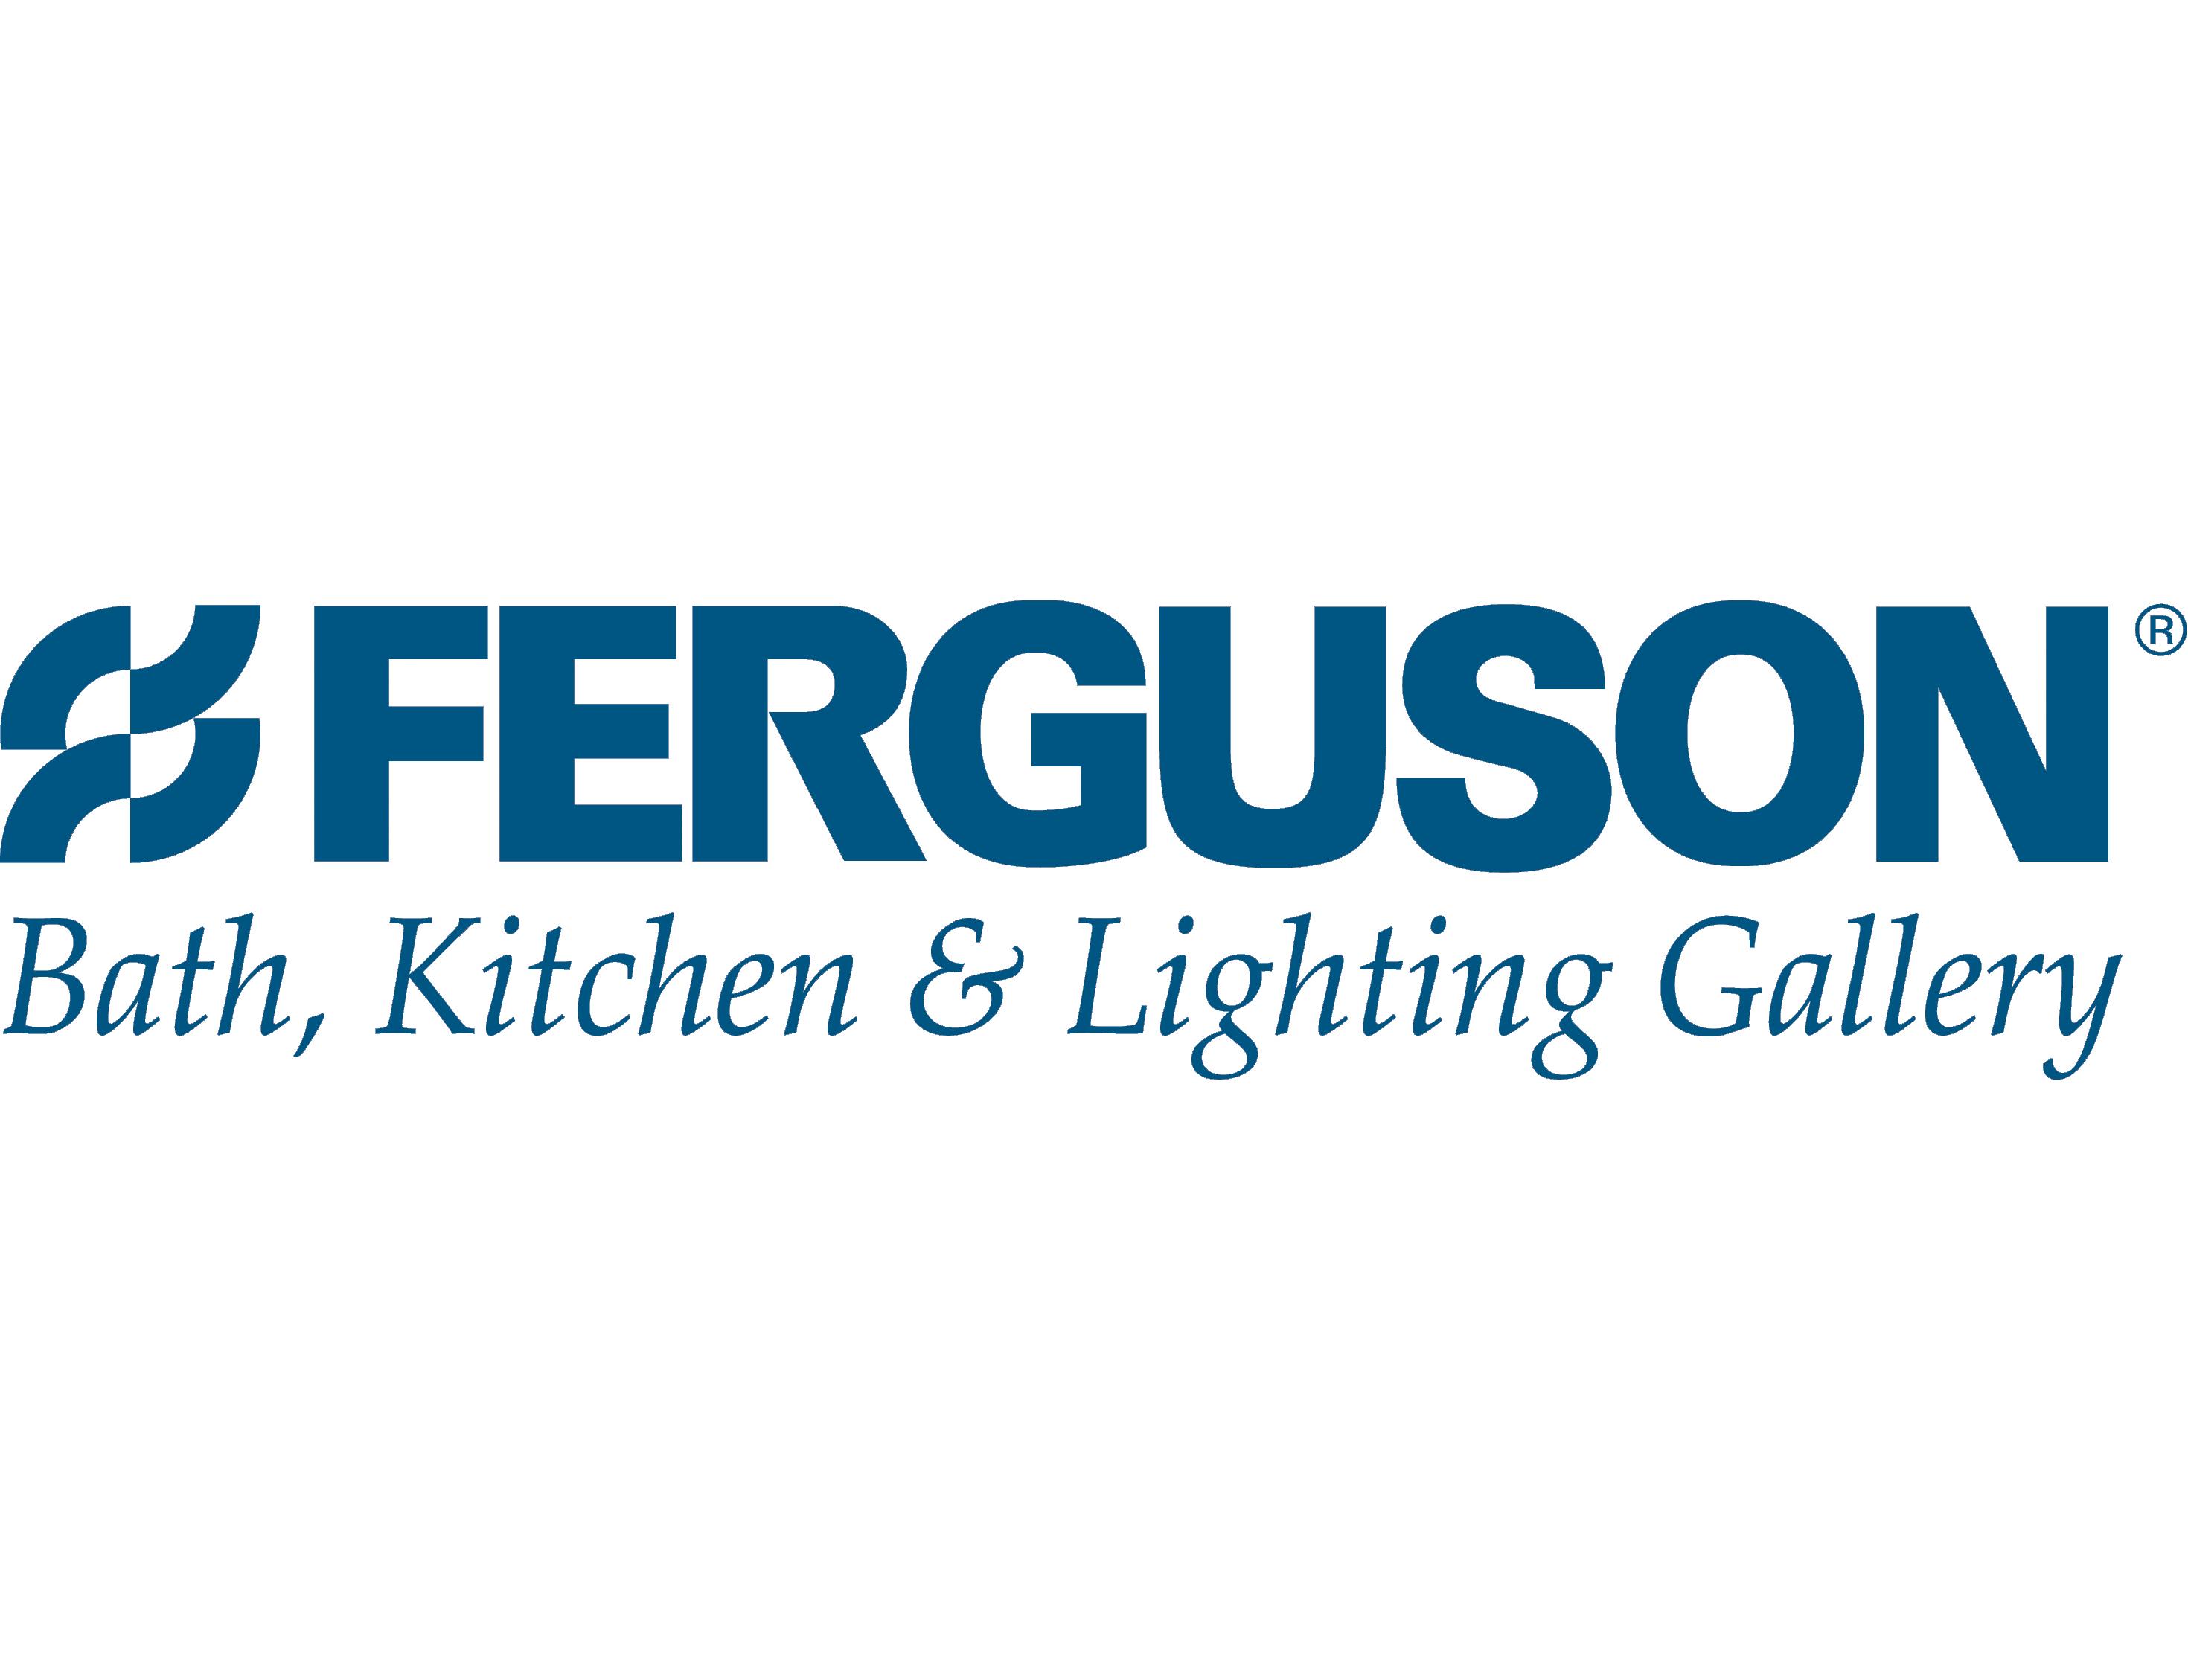 FergusonBKL logo.png